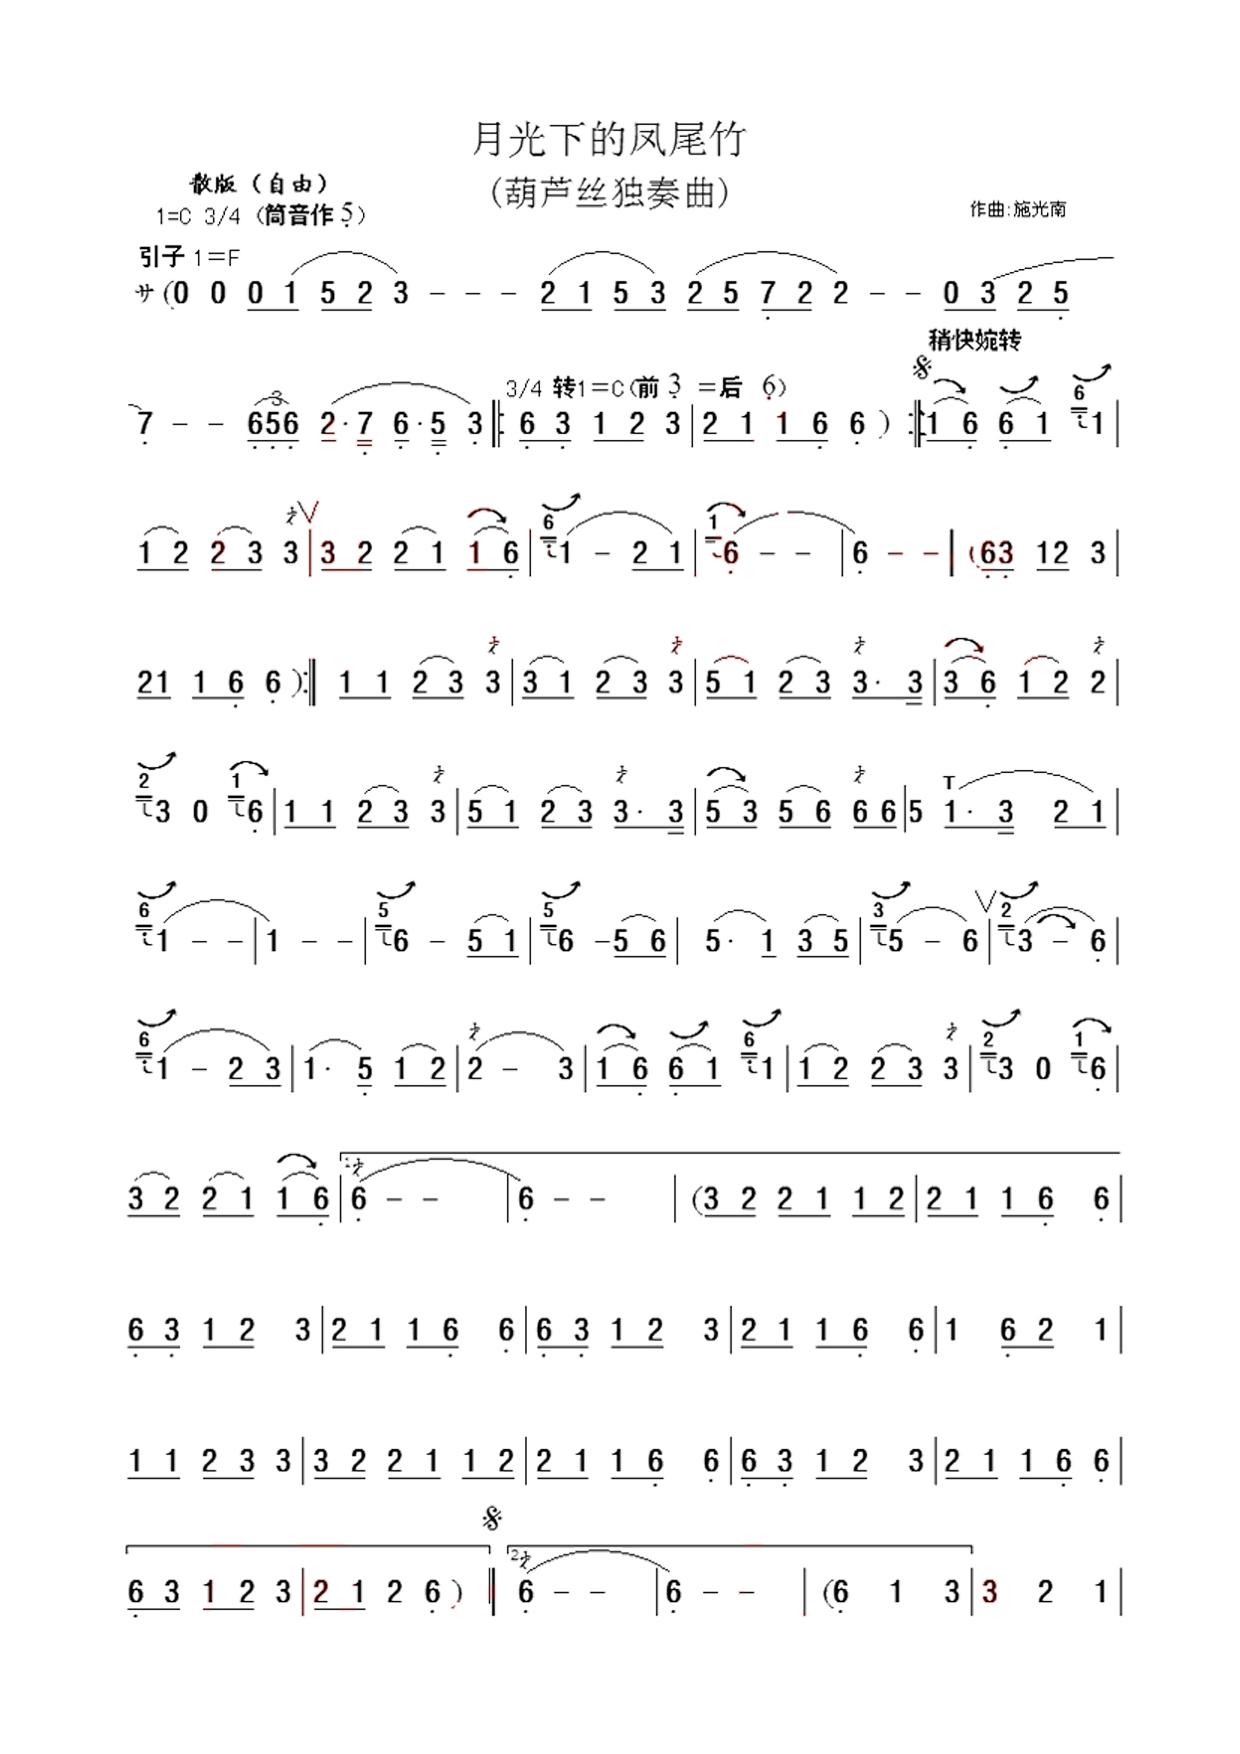 月光下的凤尾竹葫芦丝曲谱-哏德全版